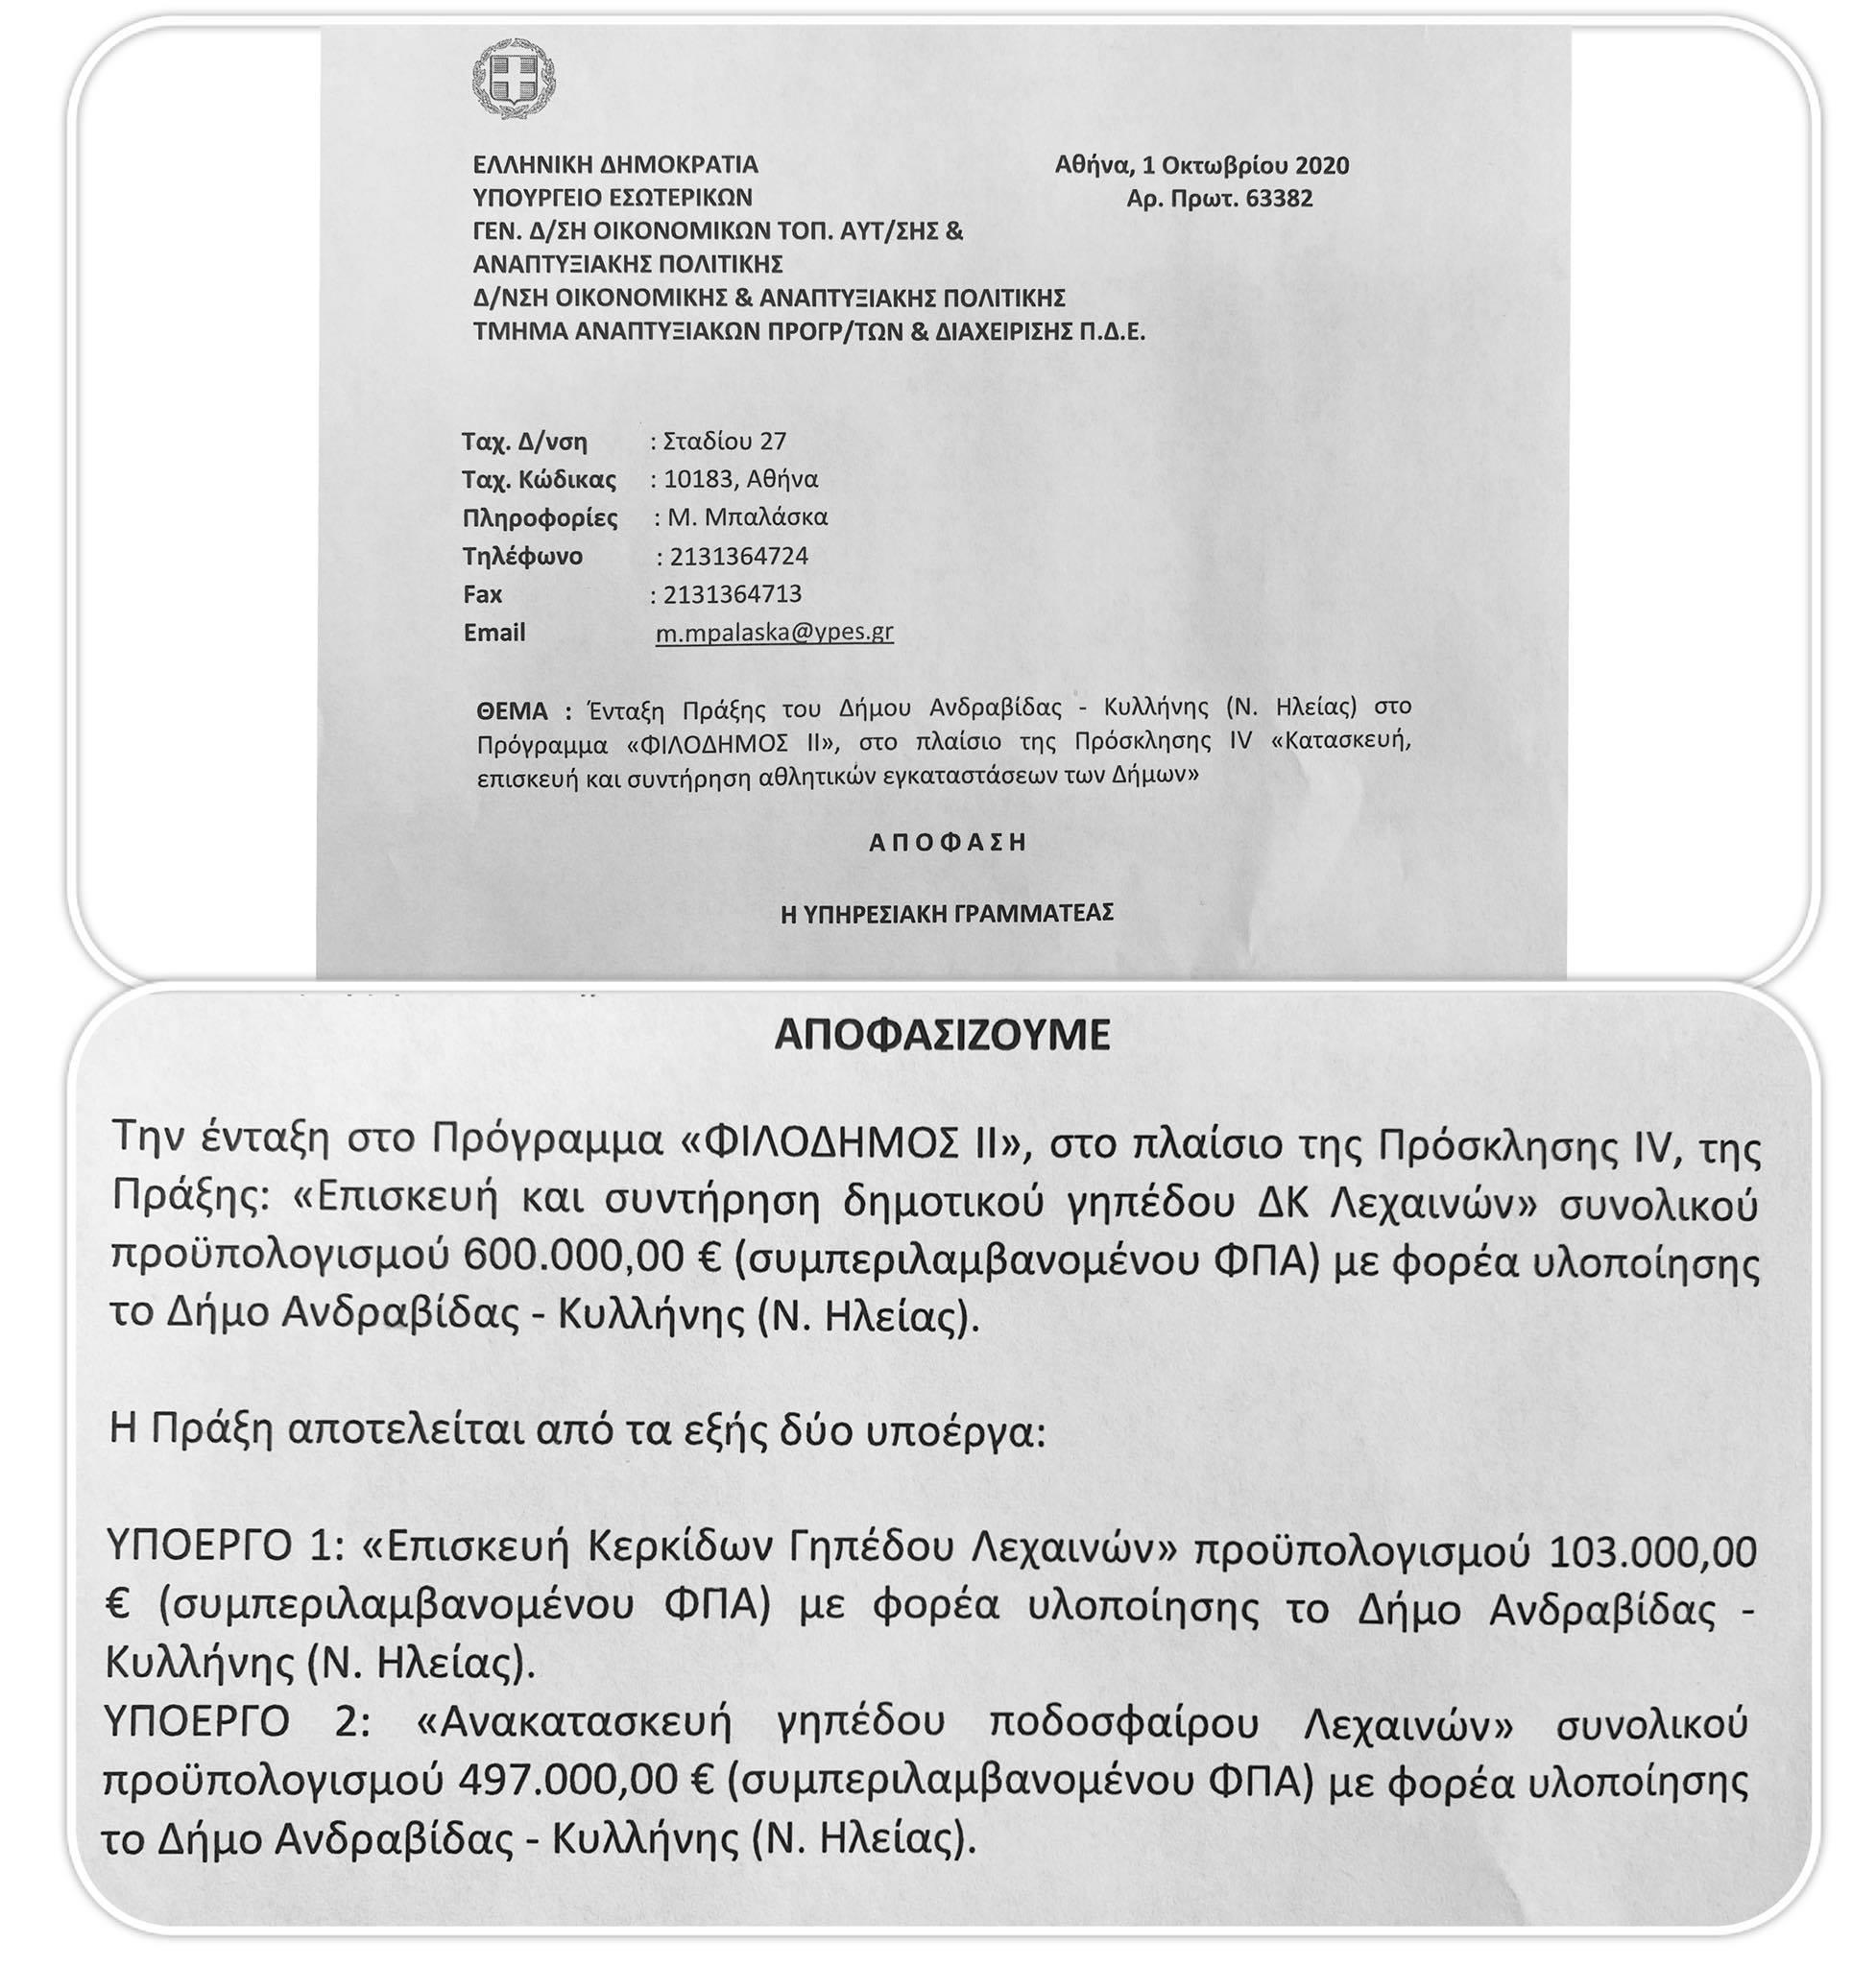 Δήμος Ανδραβίδας-Κυλλήνης: Ένταξη Πράξης στο Πρόγραμμα «ΦΙΛΟΔΗΜΟΣ ΙΙ» για κατασκευή, επισκευή και συντήρηση αθλητικών εγκαταστάσεων